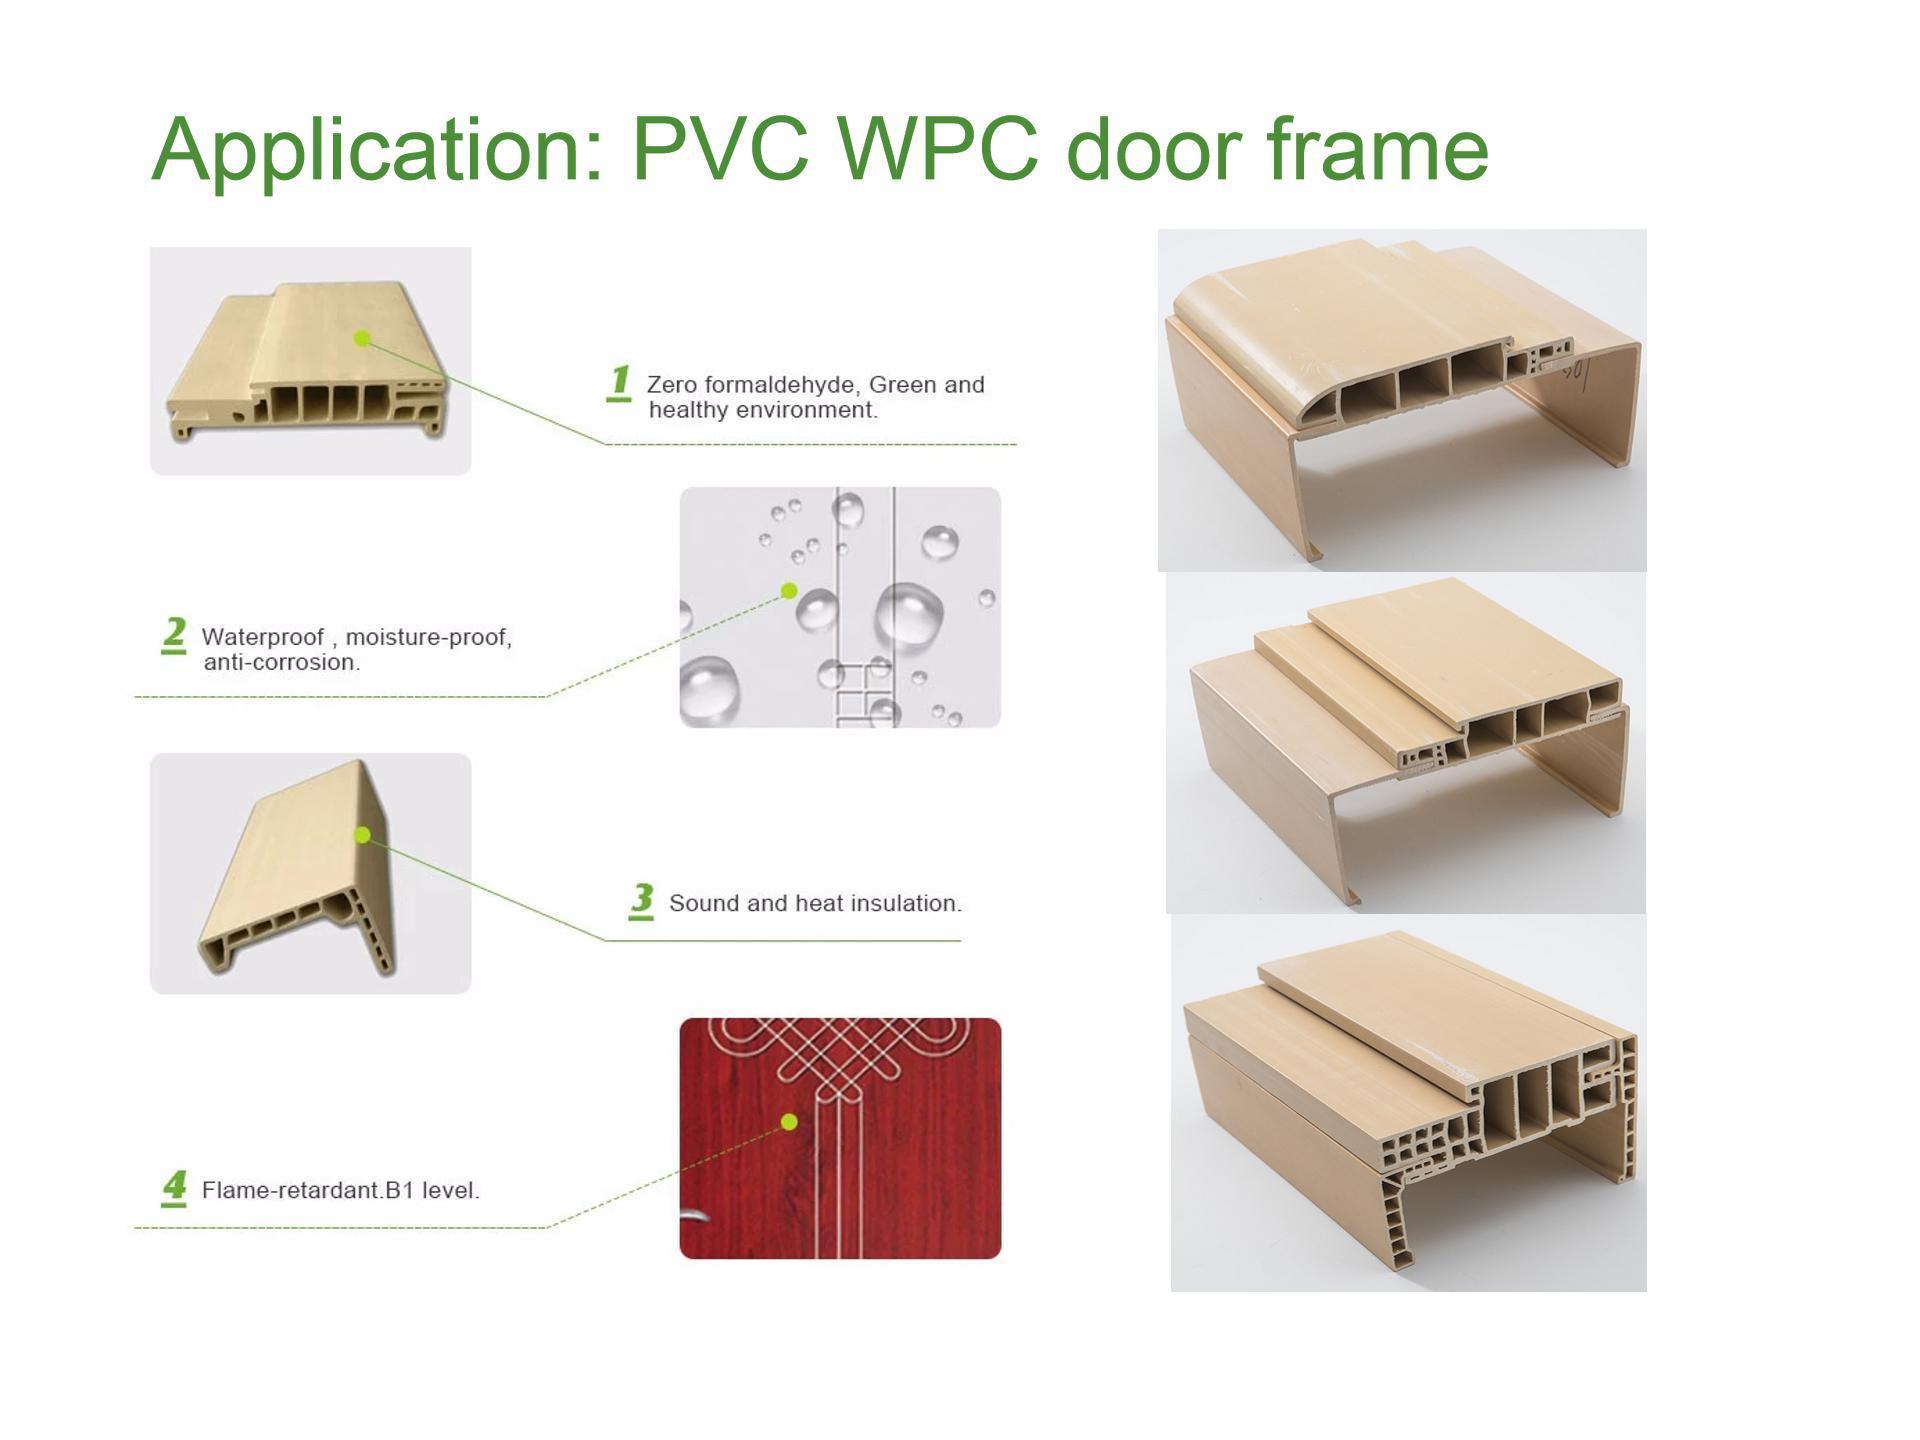 PVC WPC door frame